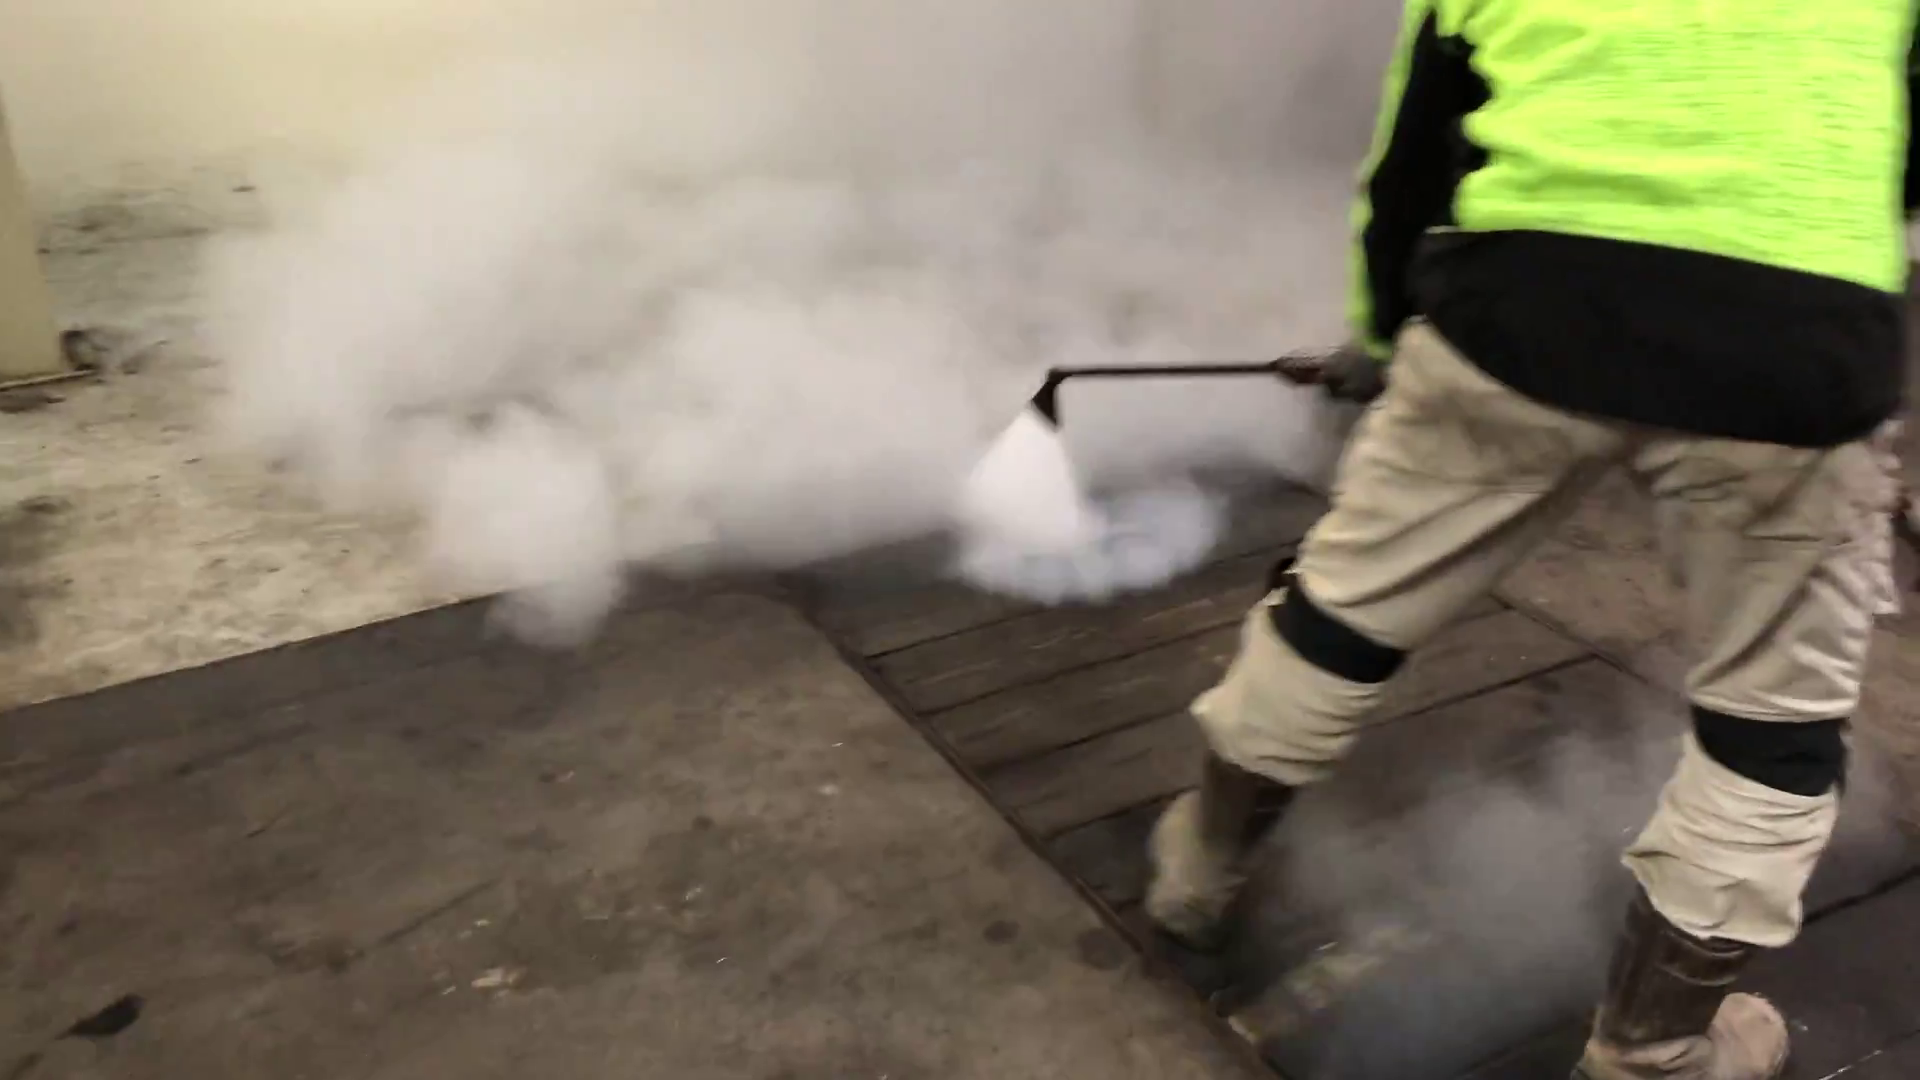 Nettoyage écologique grâce à la vapeur sèche salmonlux